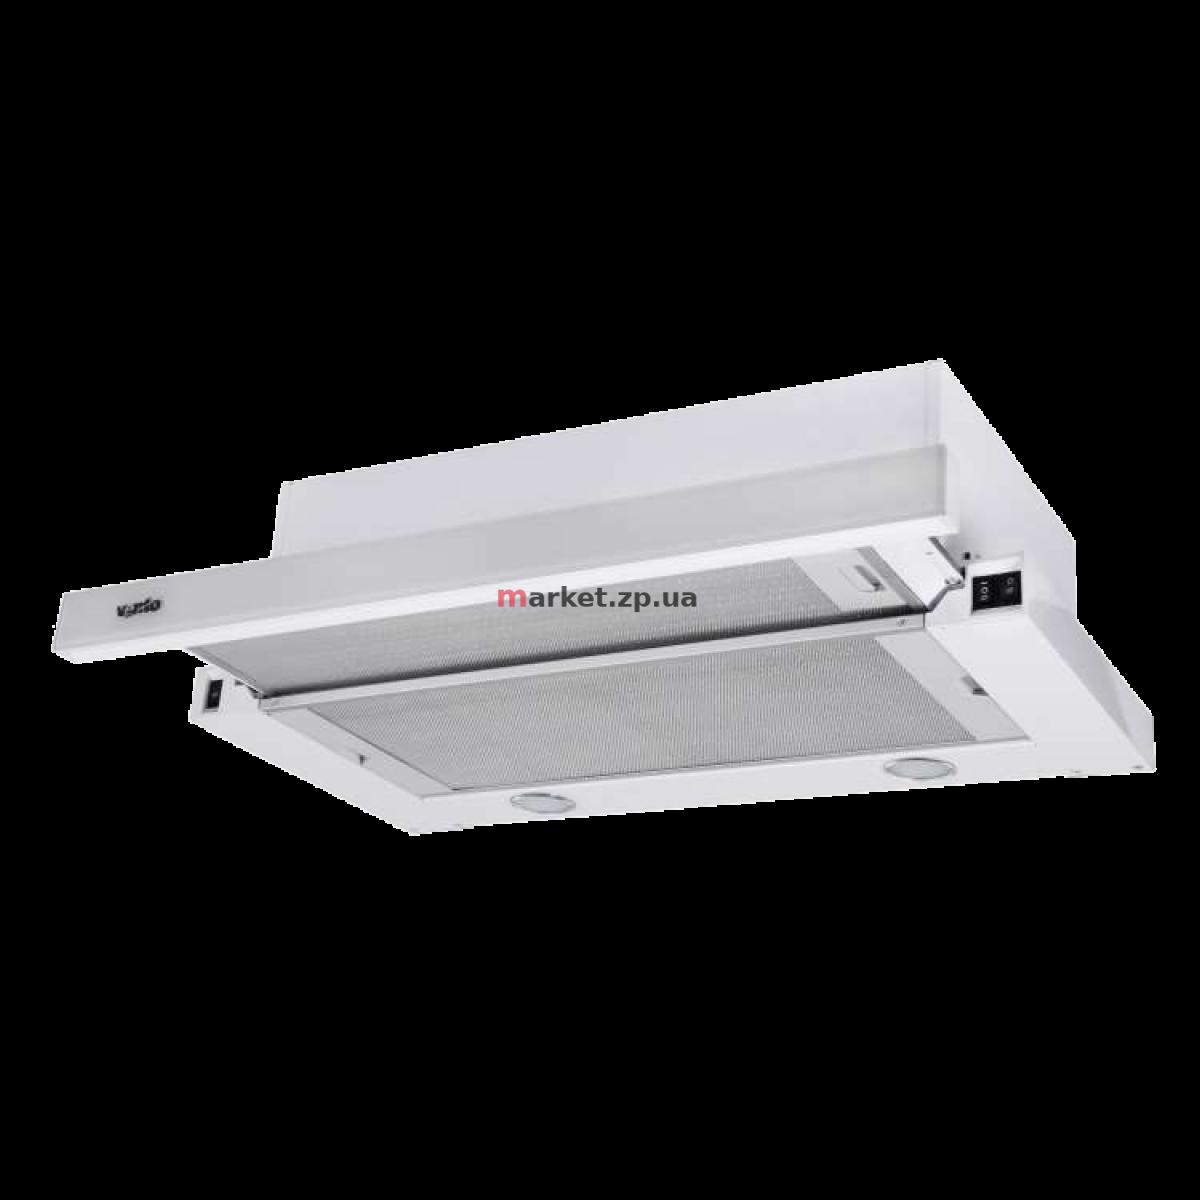 Вытяжка VENTOLUX GARDA 60 WHG (750) SMD LED